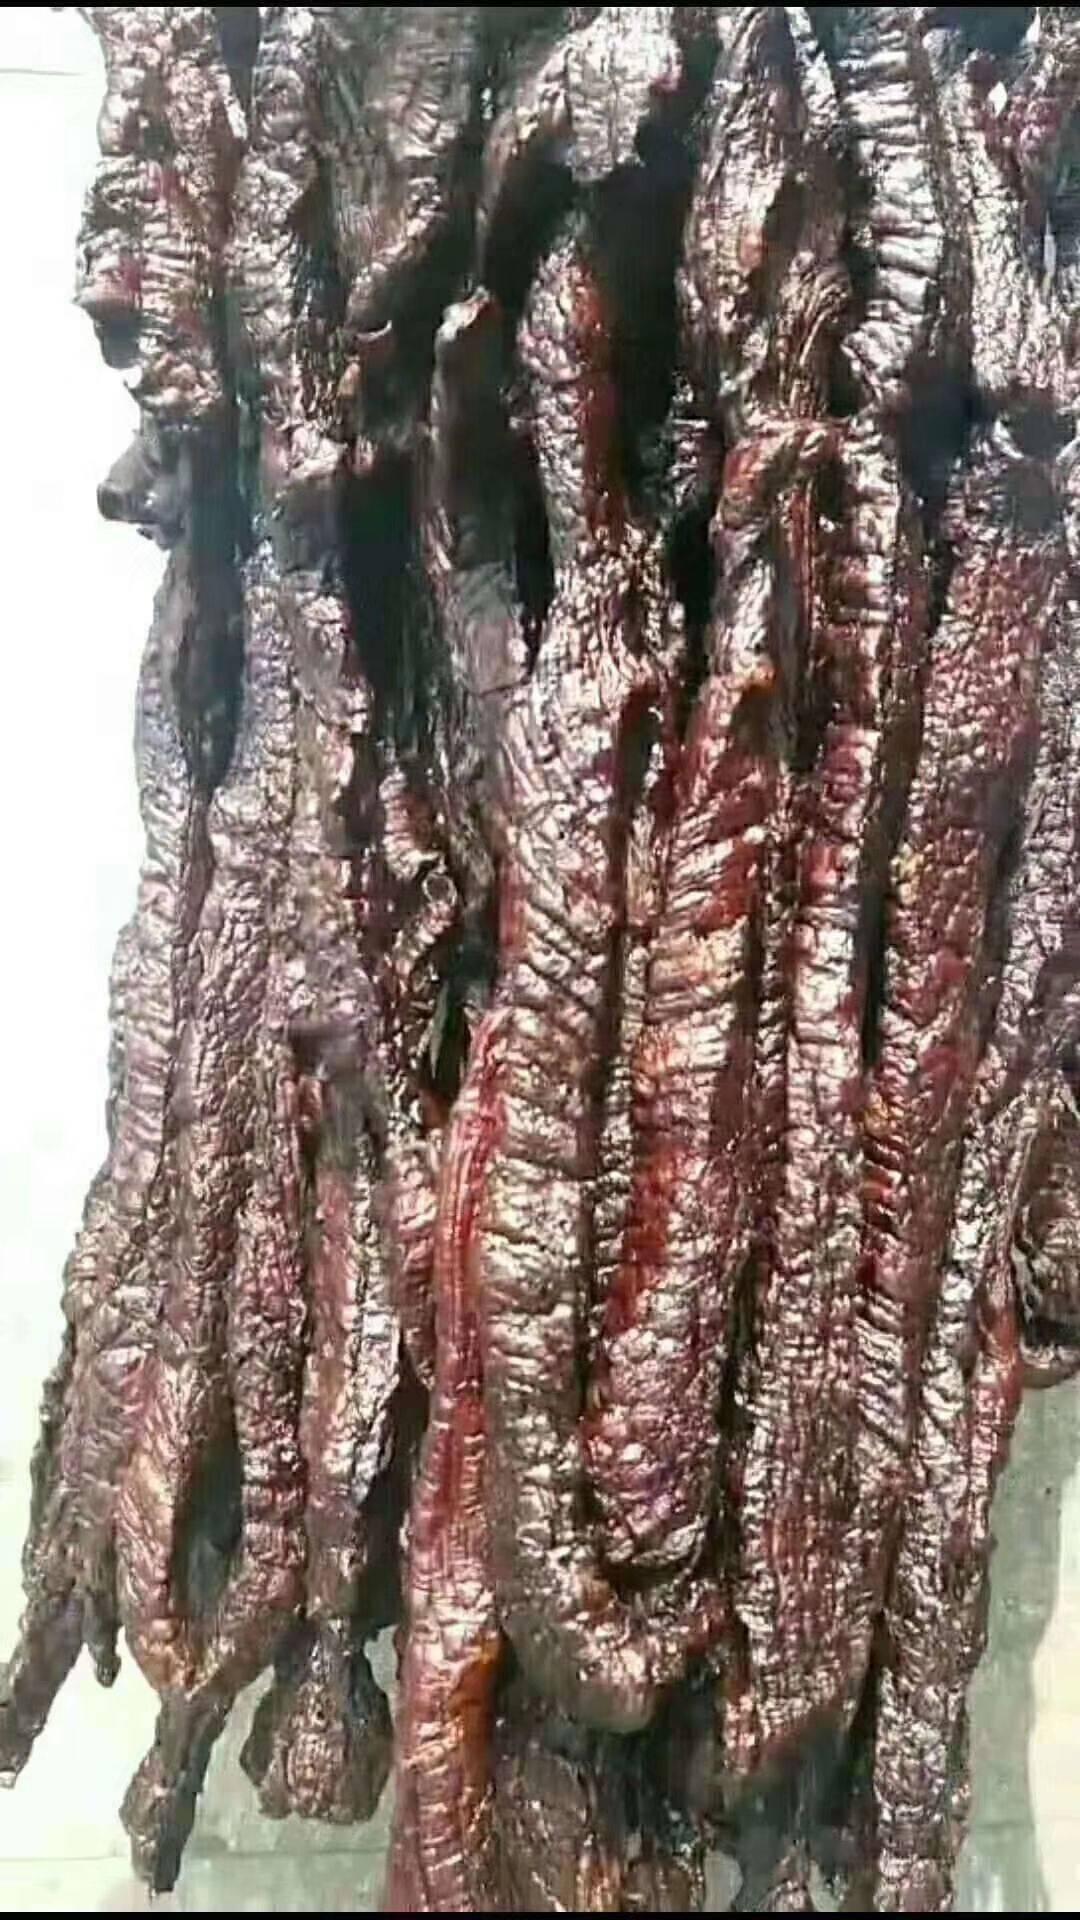 [牛腩批发] 纯牛肉,天然晒制,火烤牛肉干,价格145元/斤